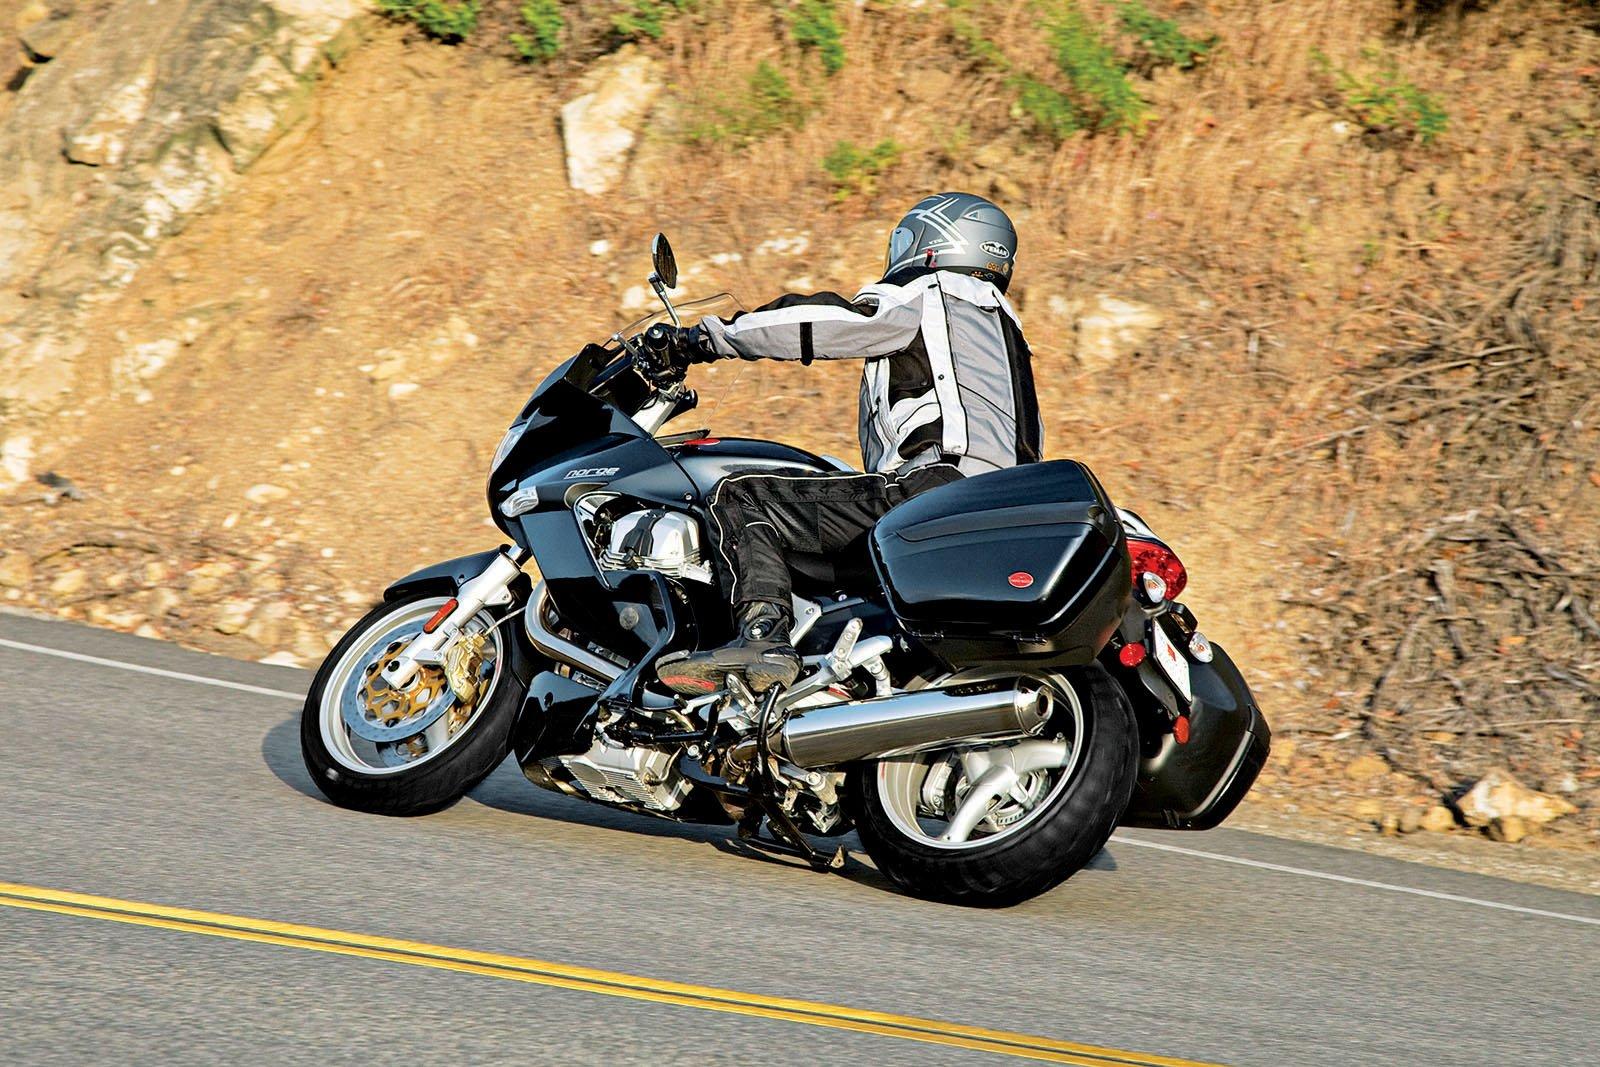 2008 Moto Guzzi Norge Retro Review